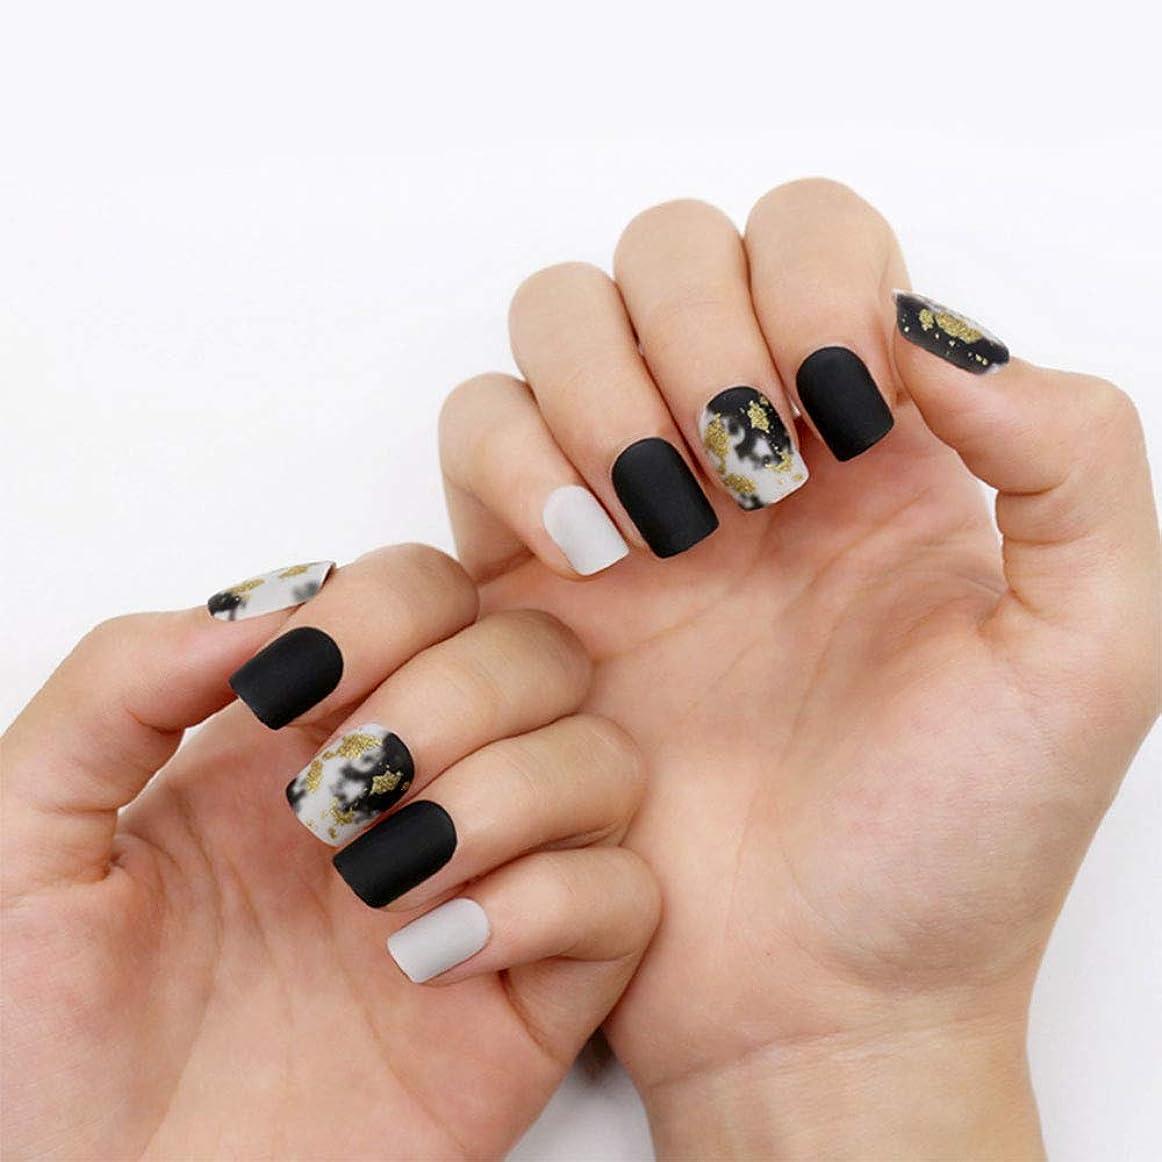 定刻準備ランクネイルチップ 12サイズ 夏の 優雅 黒 つけ爪 ネイル用品 ショート デコレーション 無地 付け爪